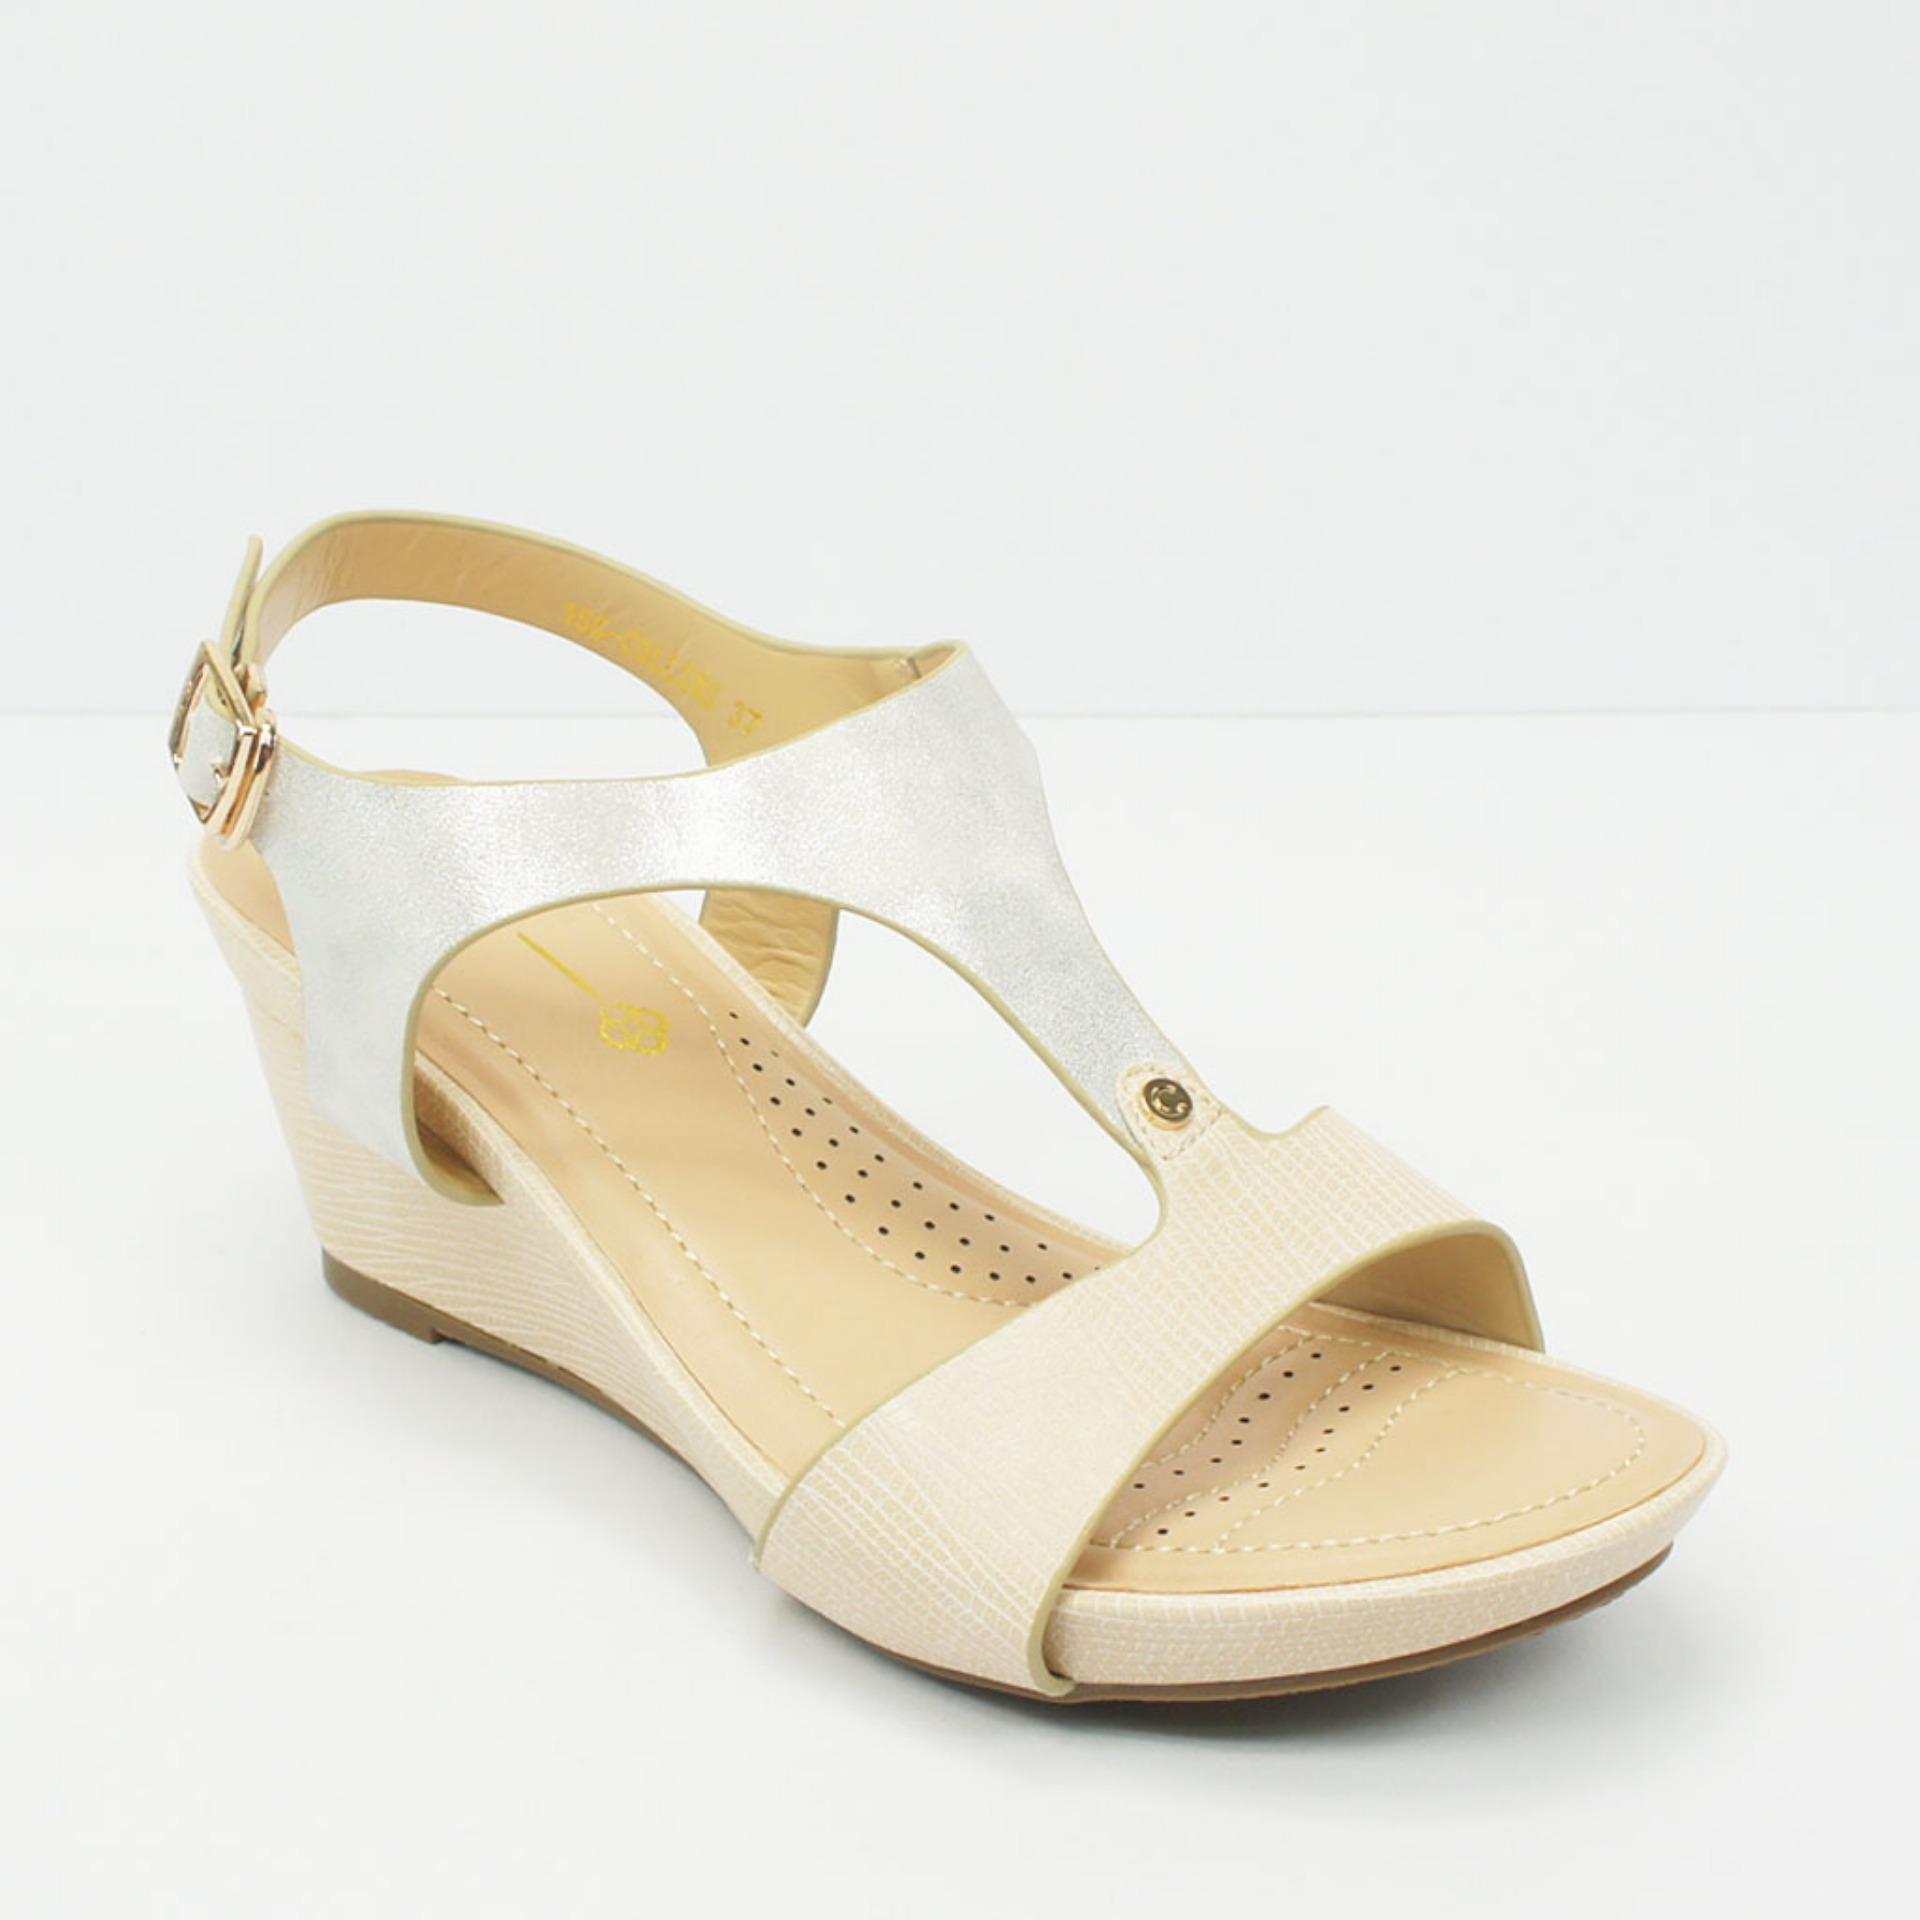 Cln shoes sandals philippines - Cln Shoes Sandals Philippines 17